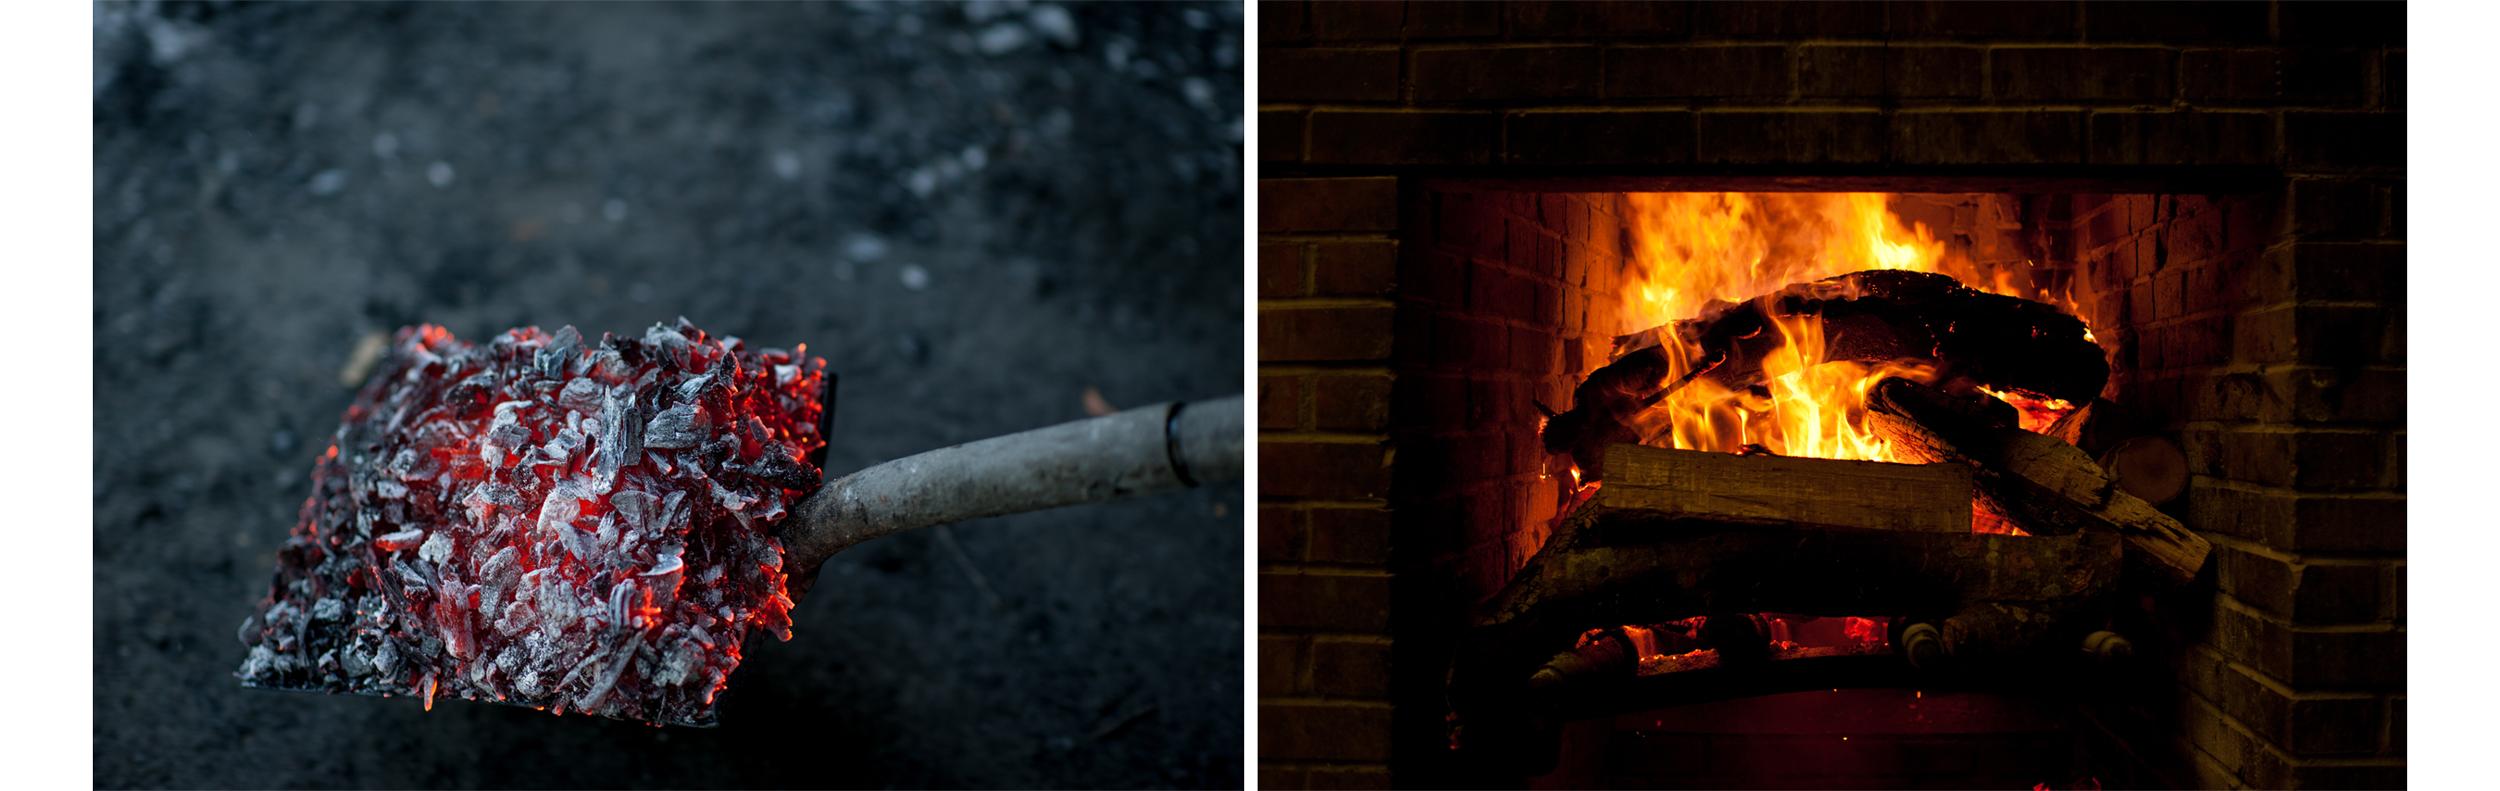 starlight_vs_scotts_gallery_8.jpg